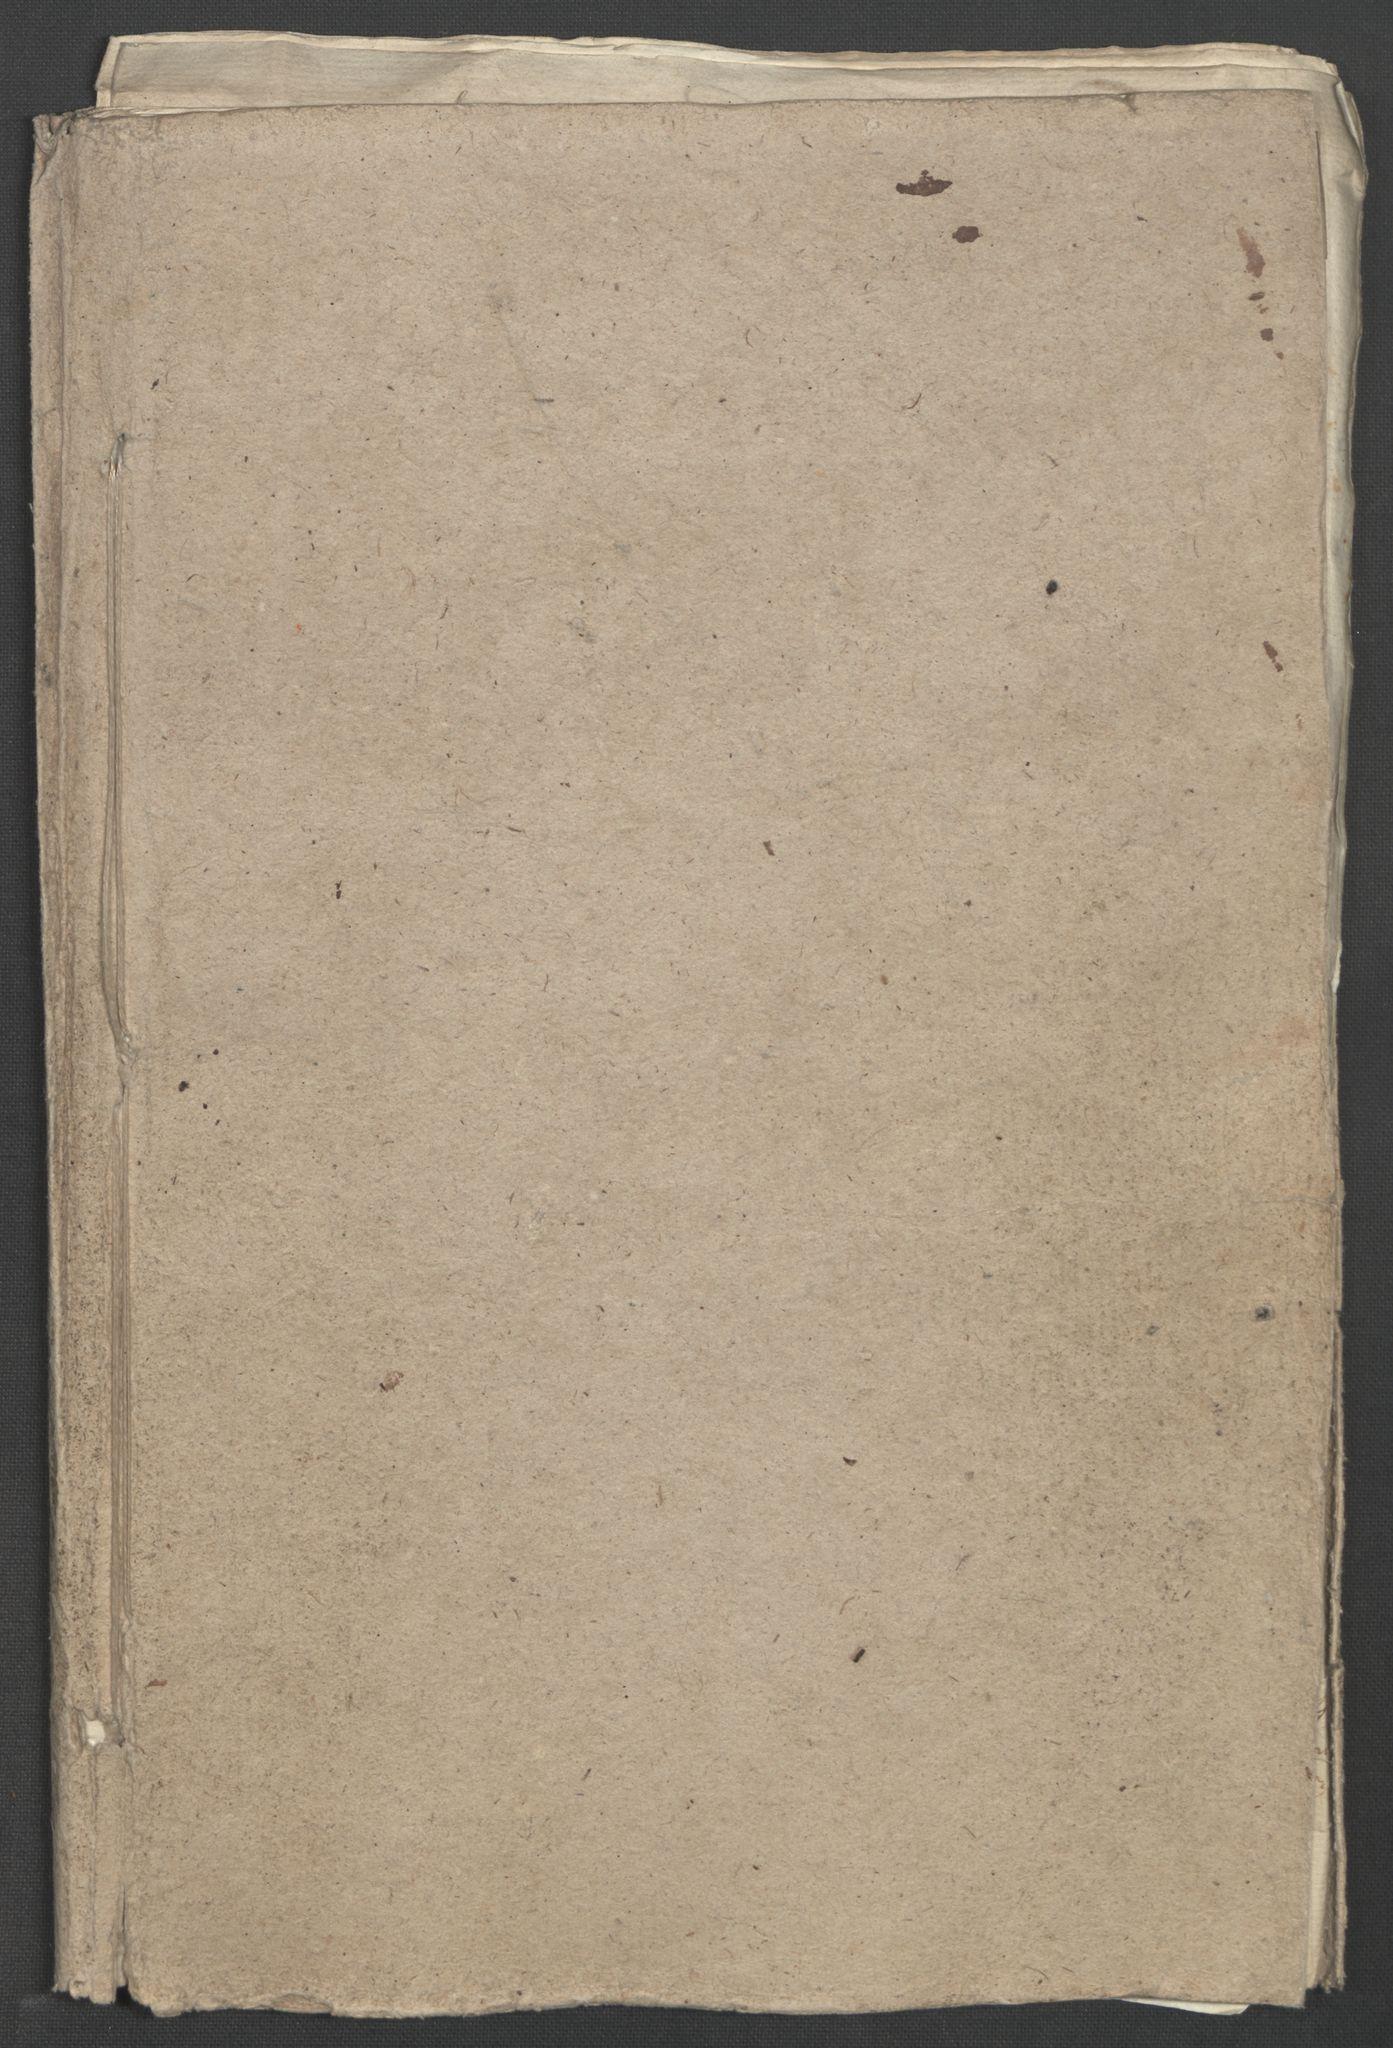 RA, Rentekammeret inntil 1814, Reviderte regnskaper, Fogderegnskap, R33/L2033: Ekstraskatten Larvik grevskap, 1762-1764, s. 268